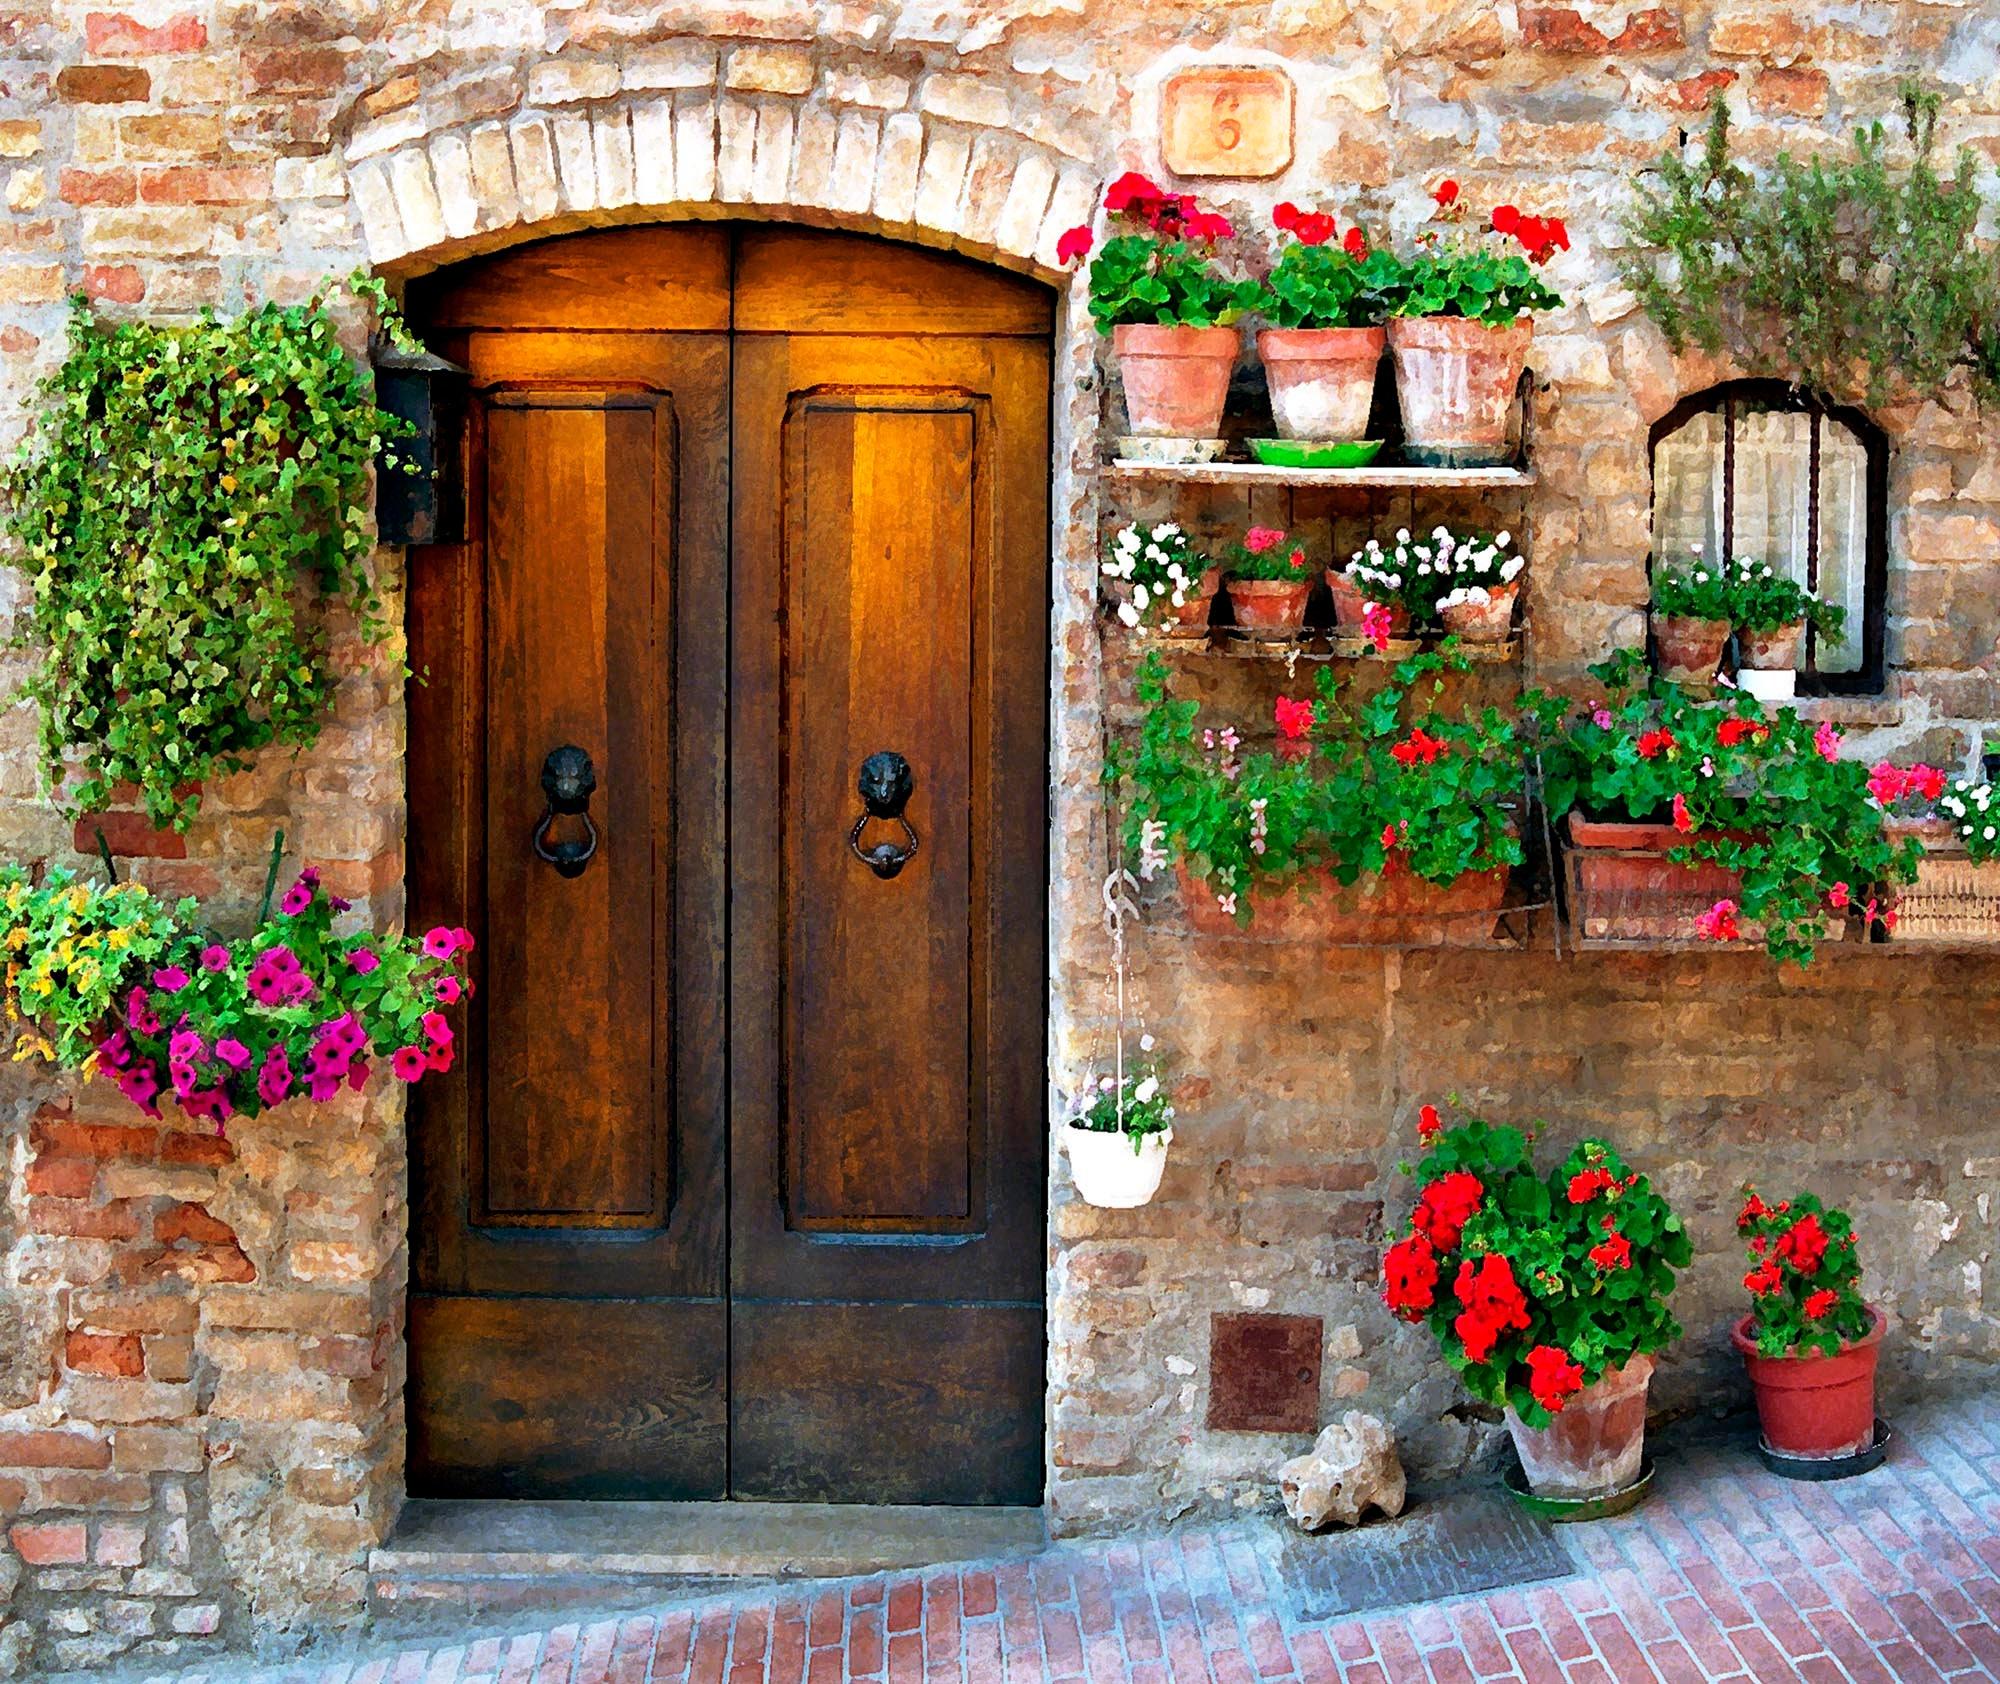 Decorative art,wall decor Italian village San Gimignano Art photography Tuscany Italy print. Wall art FREE SHIPPING- Canada-US trave